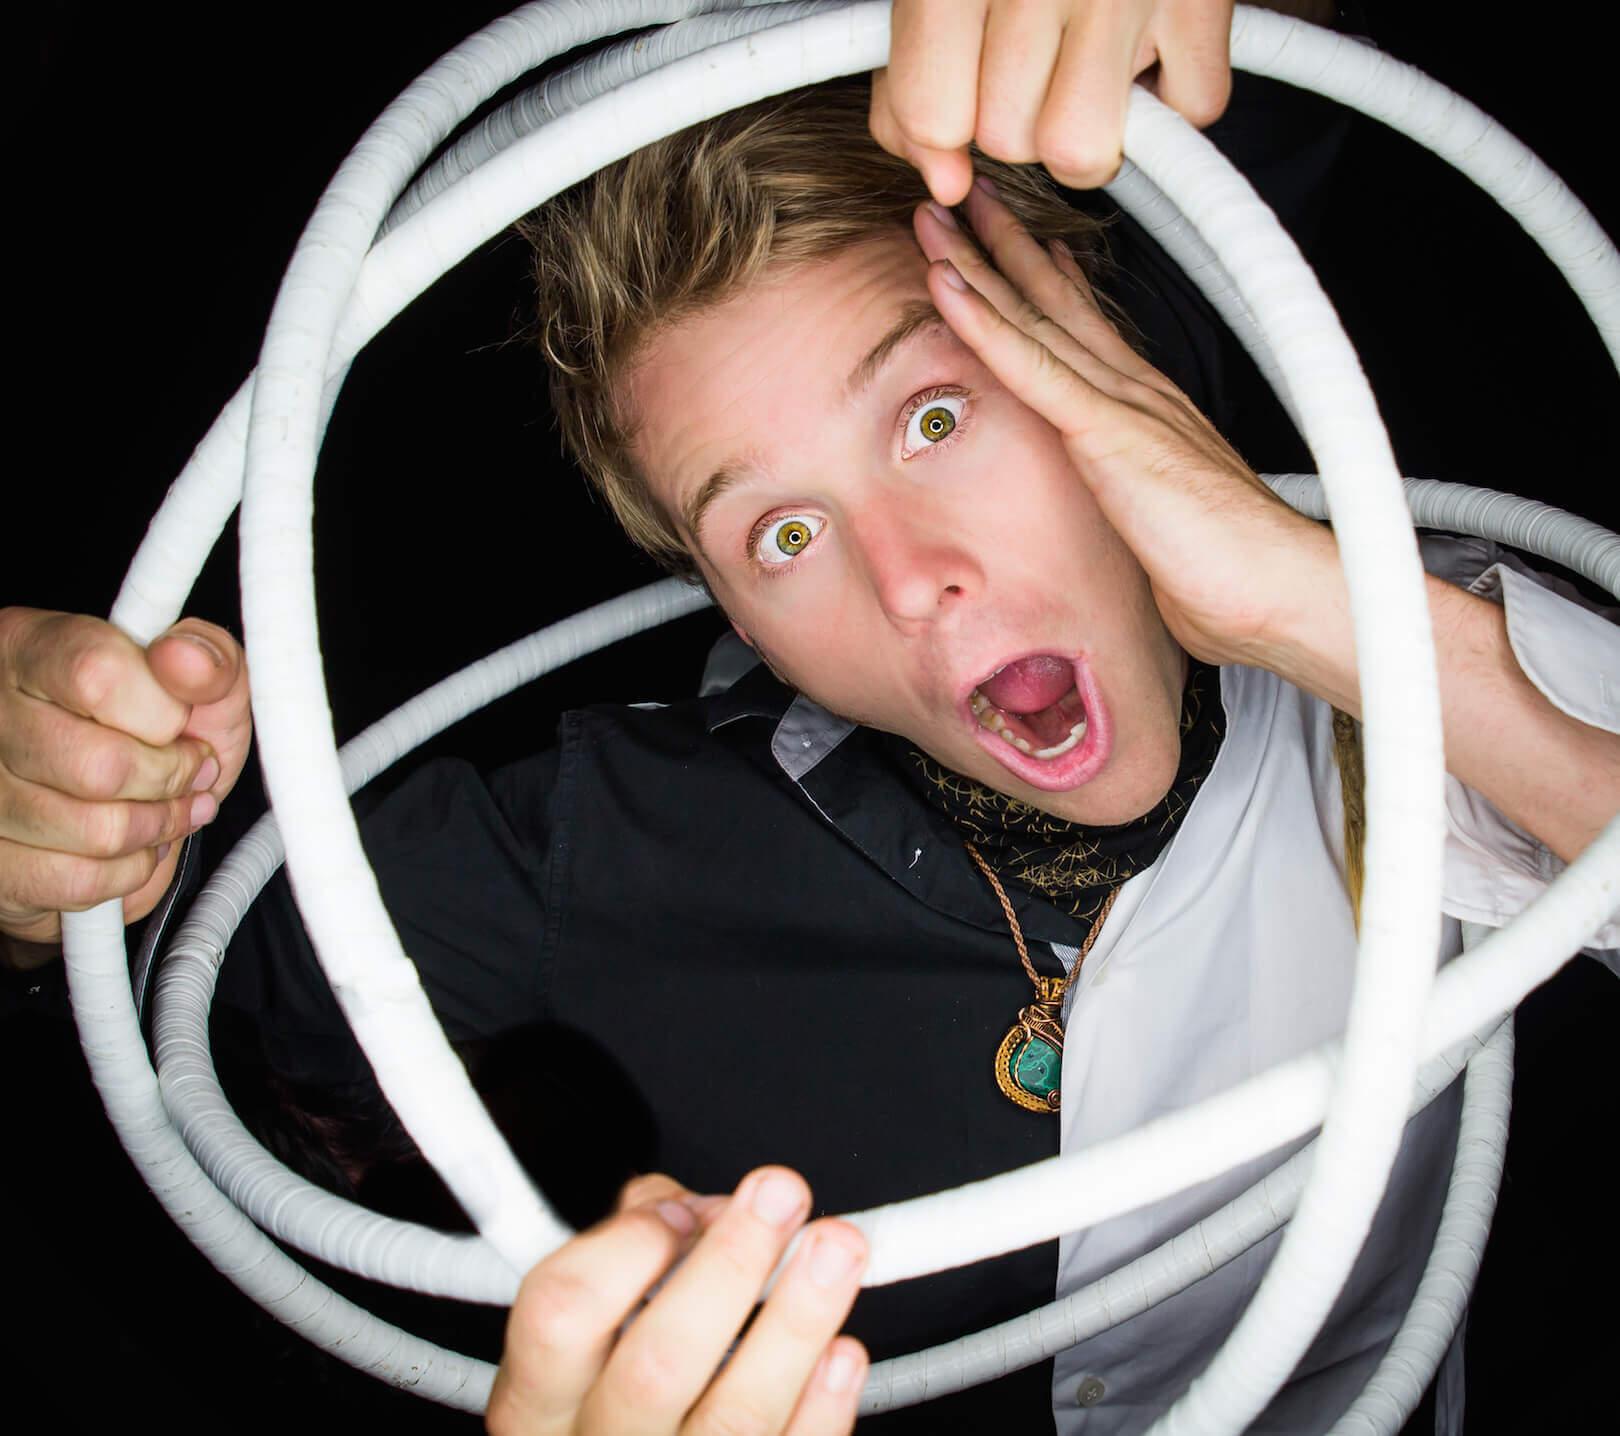 male hooper rewi los angeles juggler